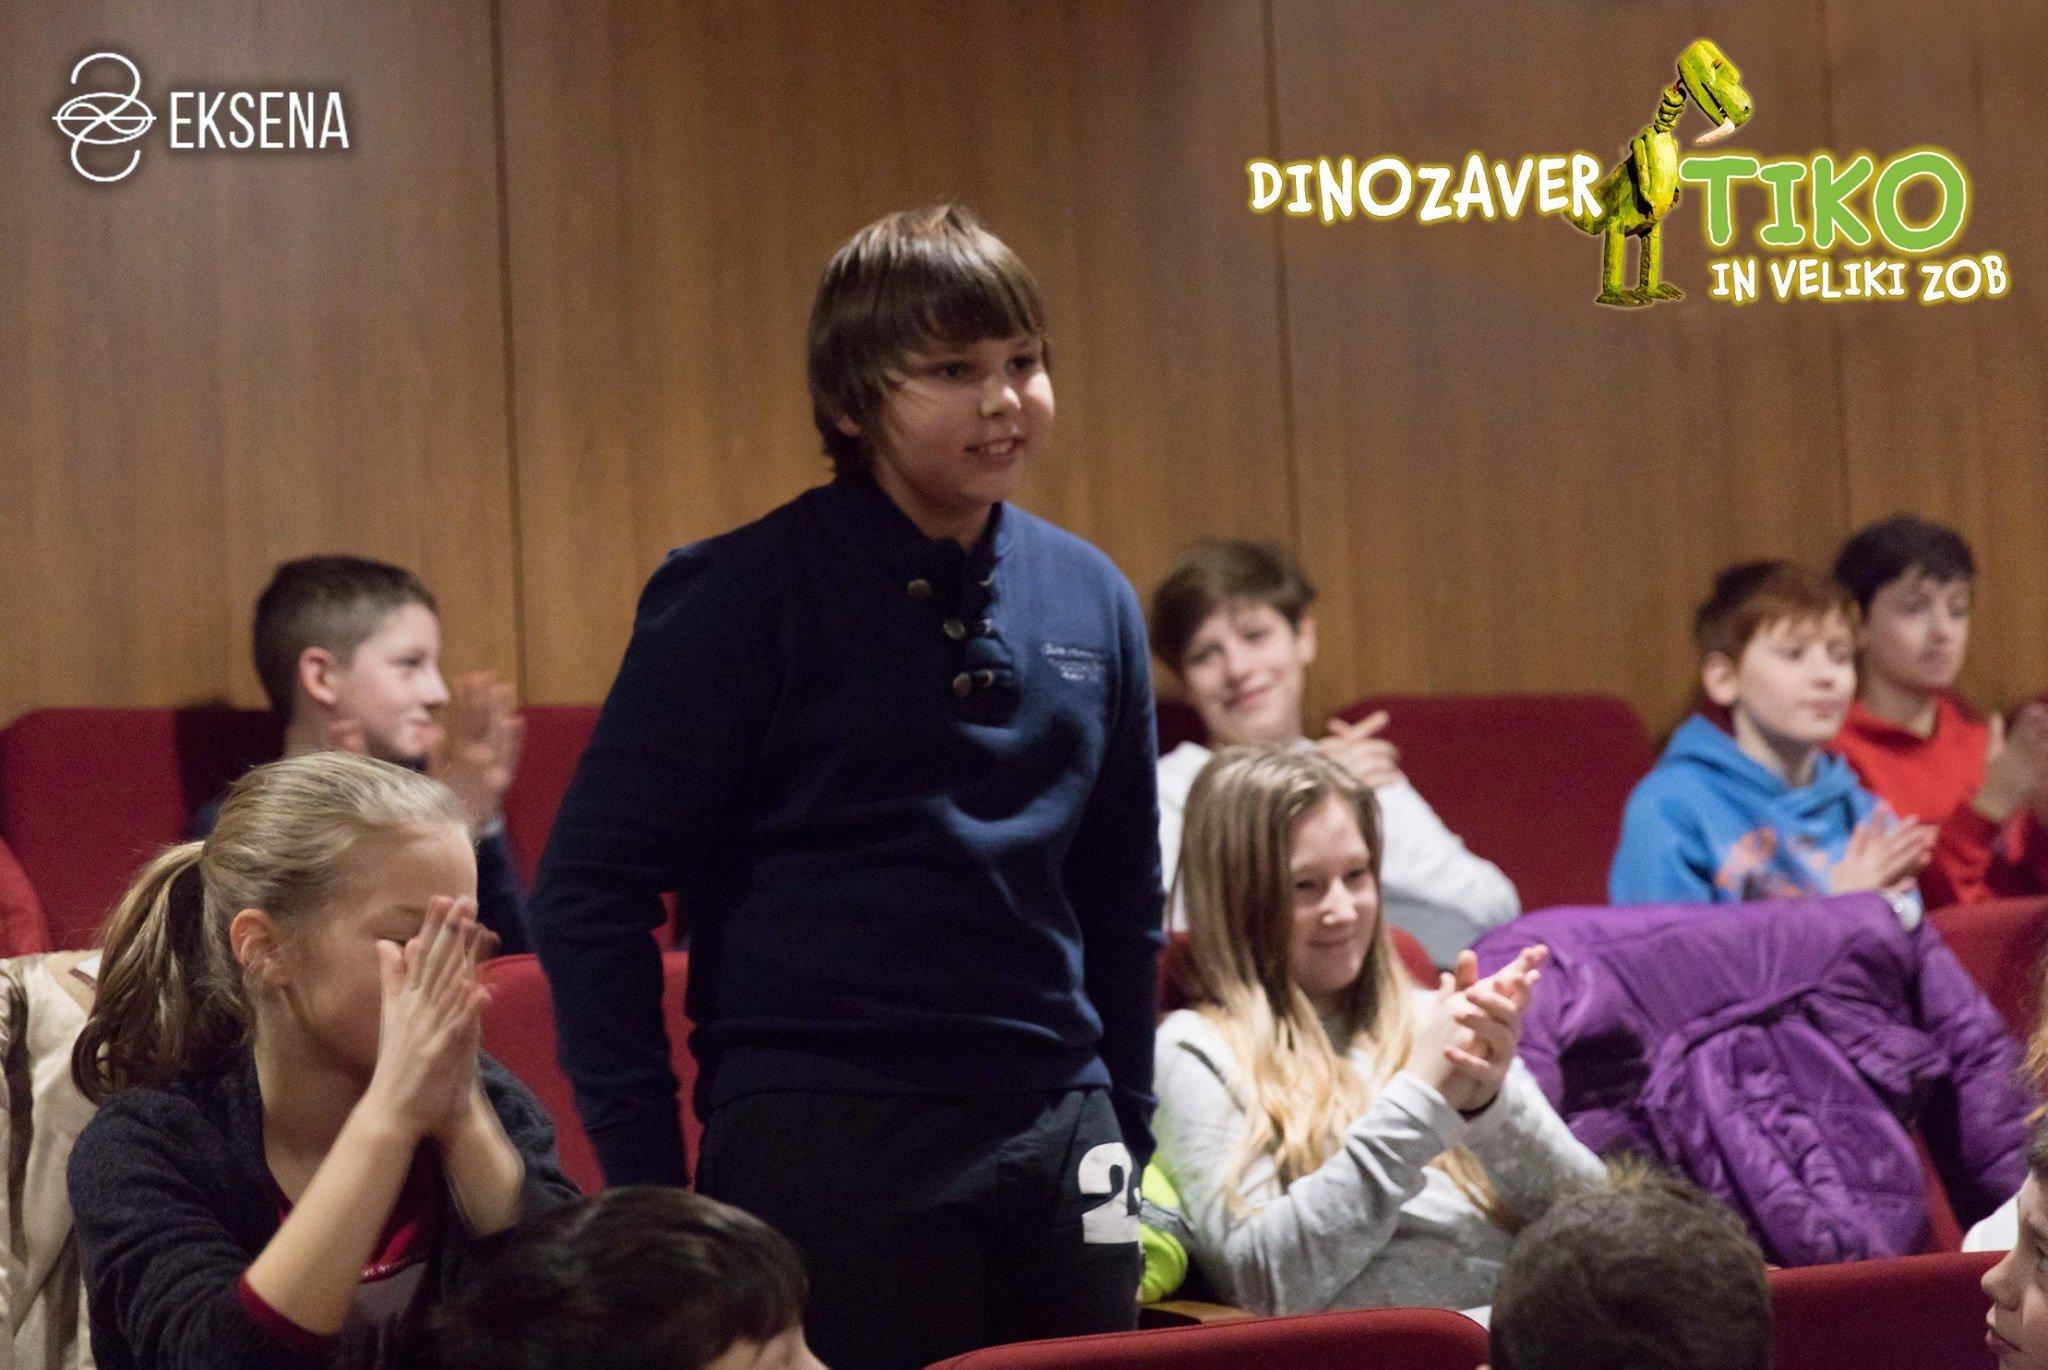 Lutkovna Predstava Dinozaver Tiko in Veliki zob Ipavčev kulturni center Šentjur